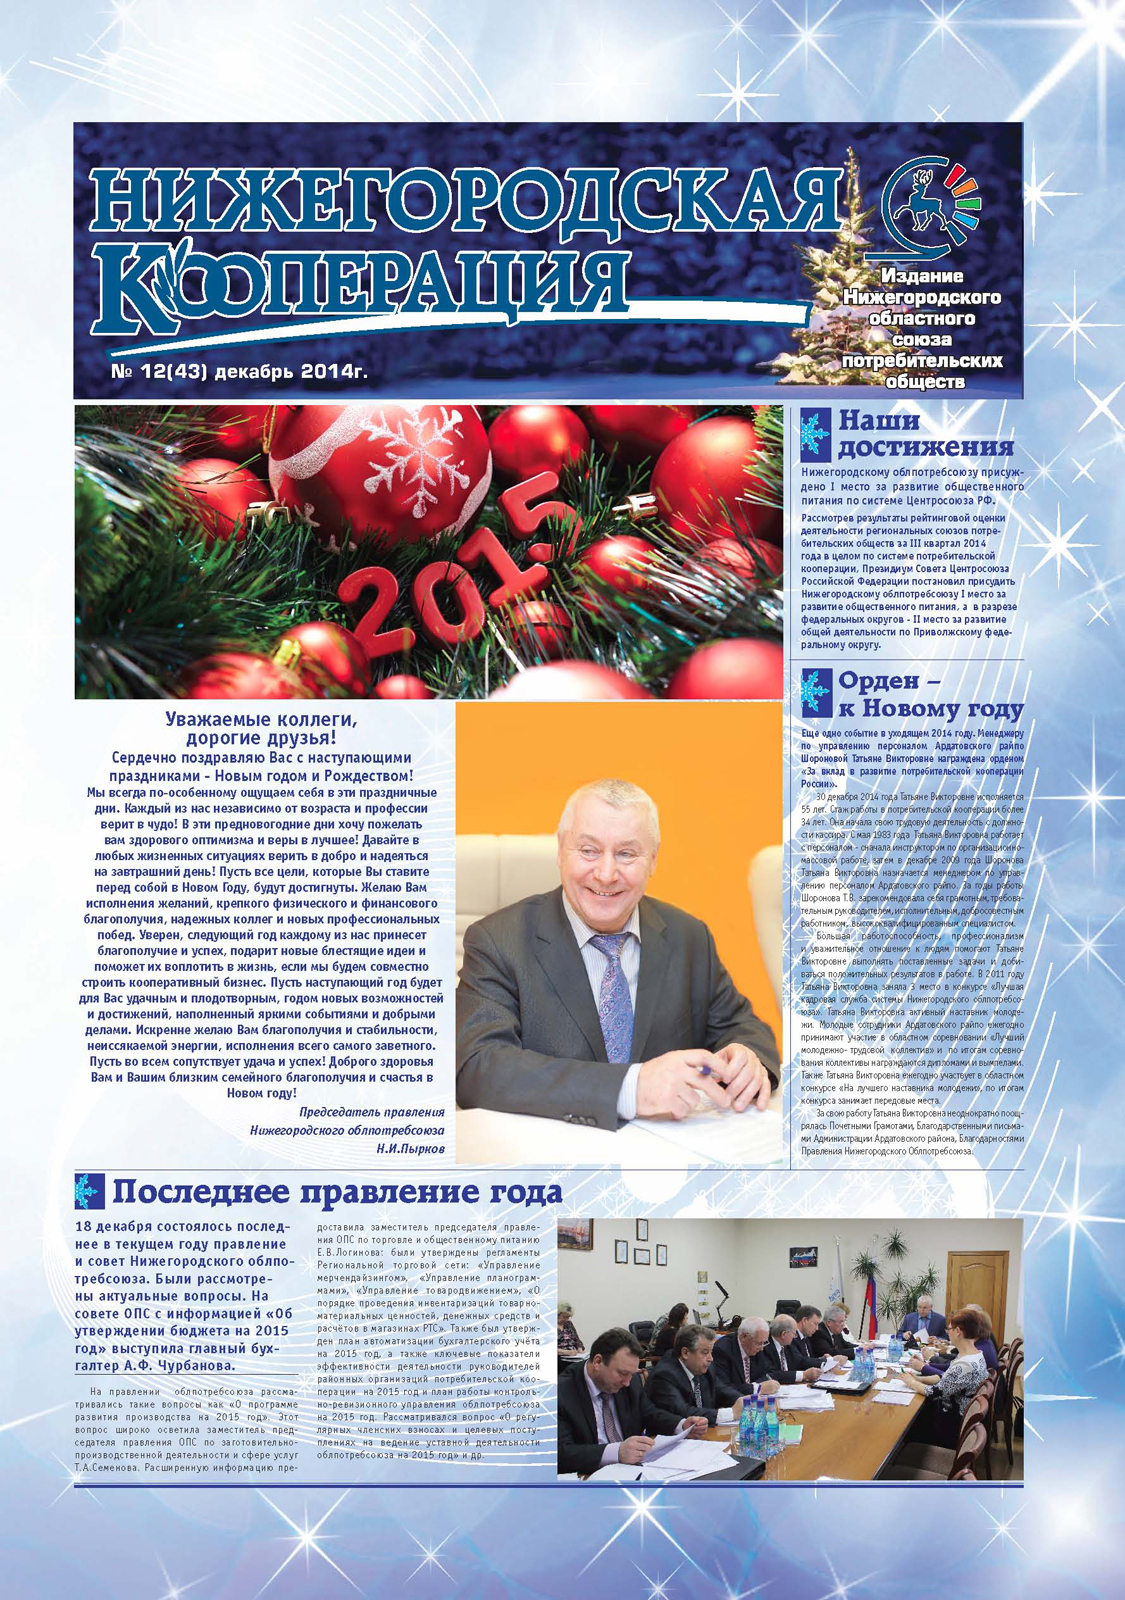 Нижегородская кооперация №12 2014